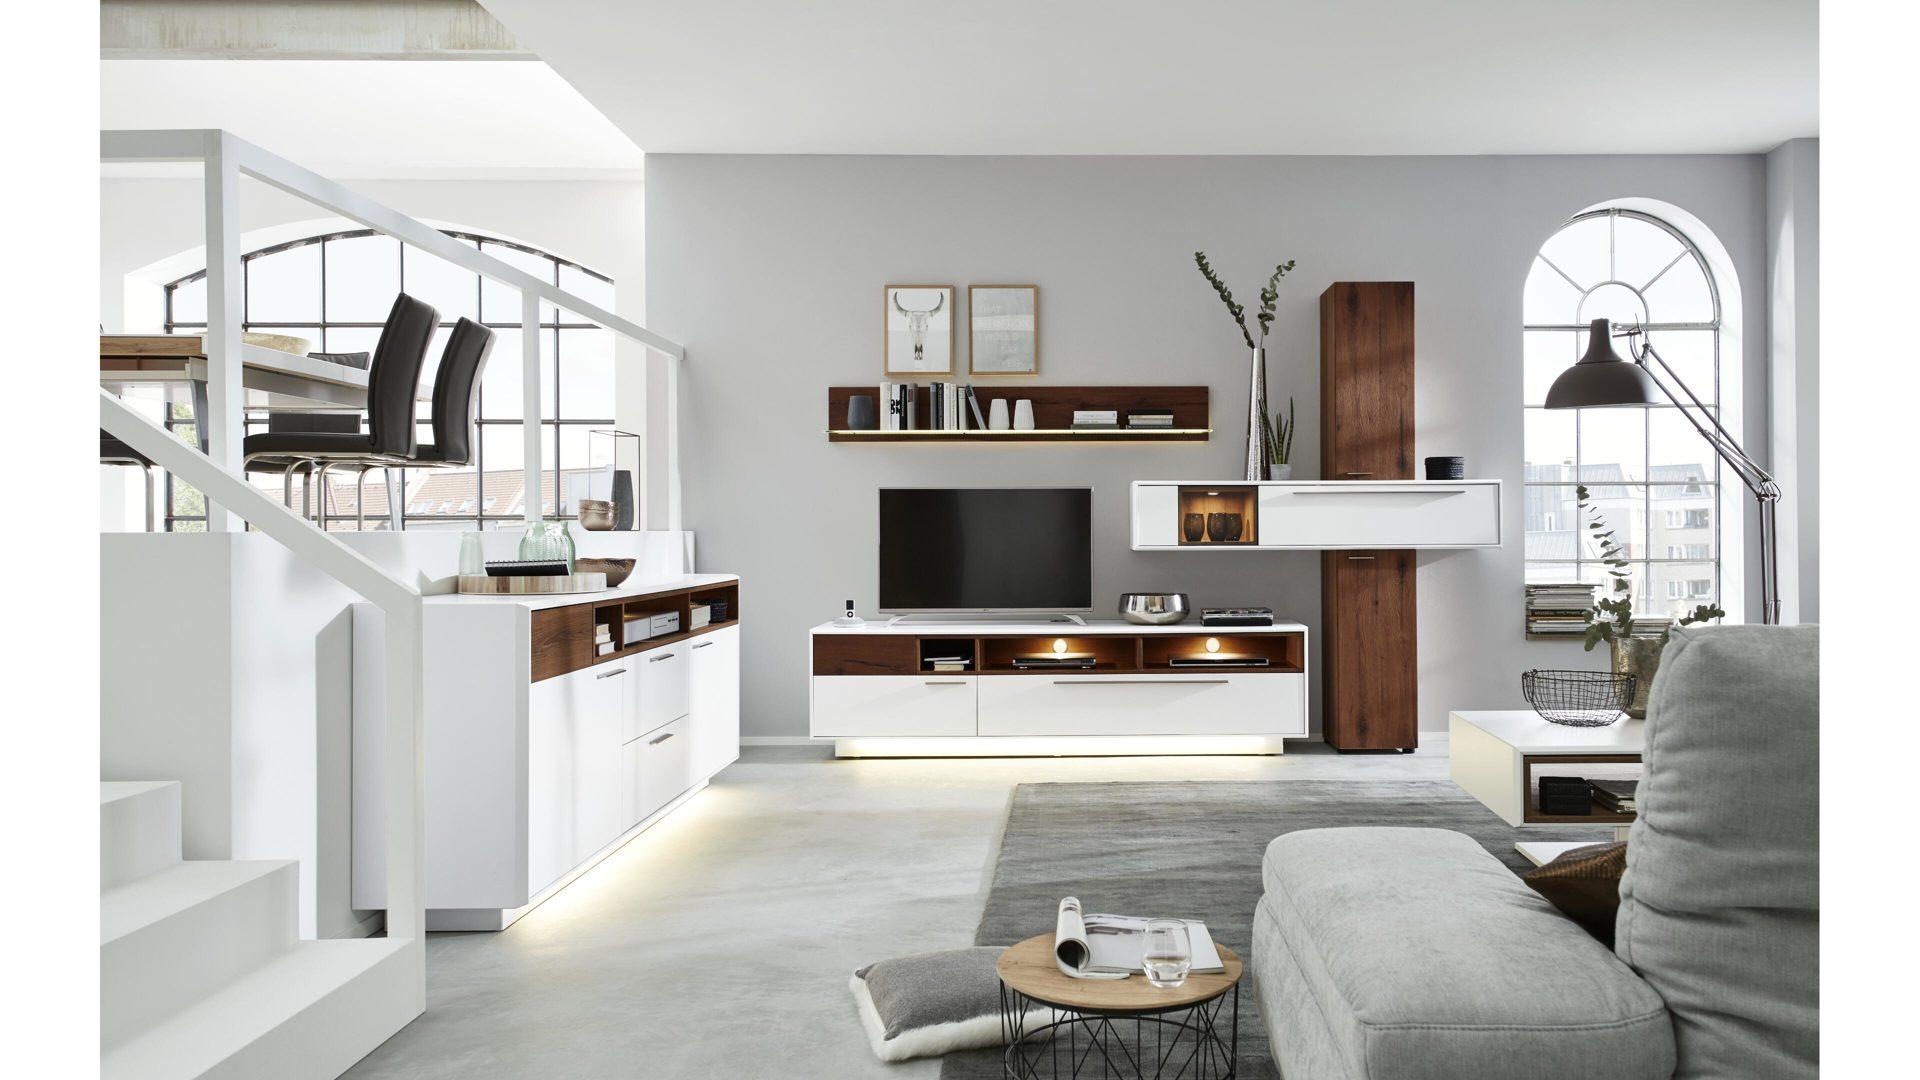 Interliving Wohnzimmer Serie 15 – Wohnkombination 15S mit Beleuchtung